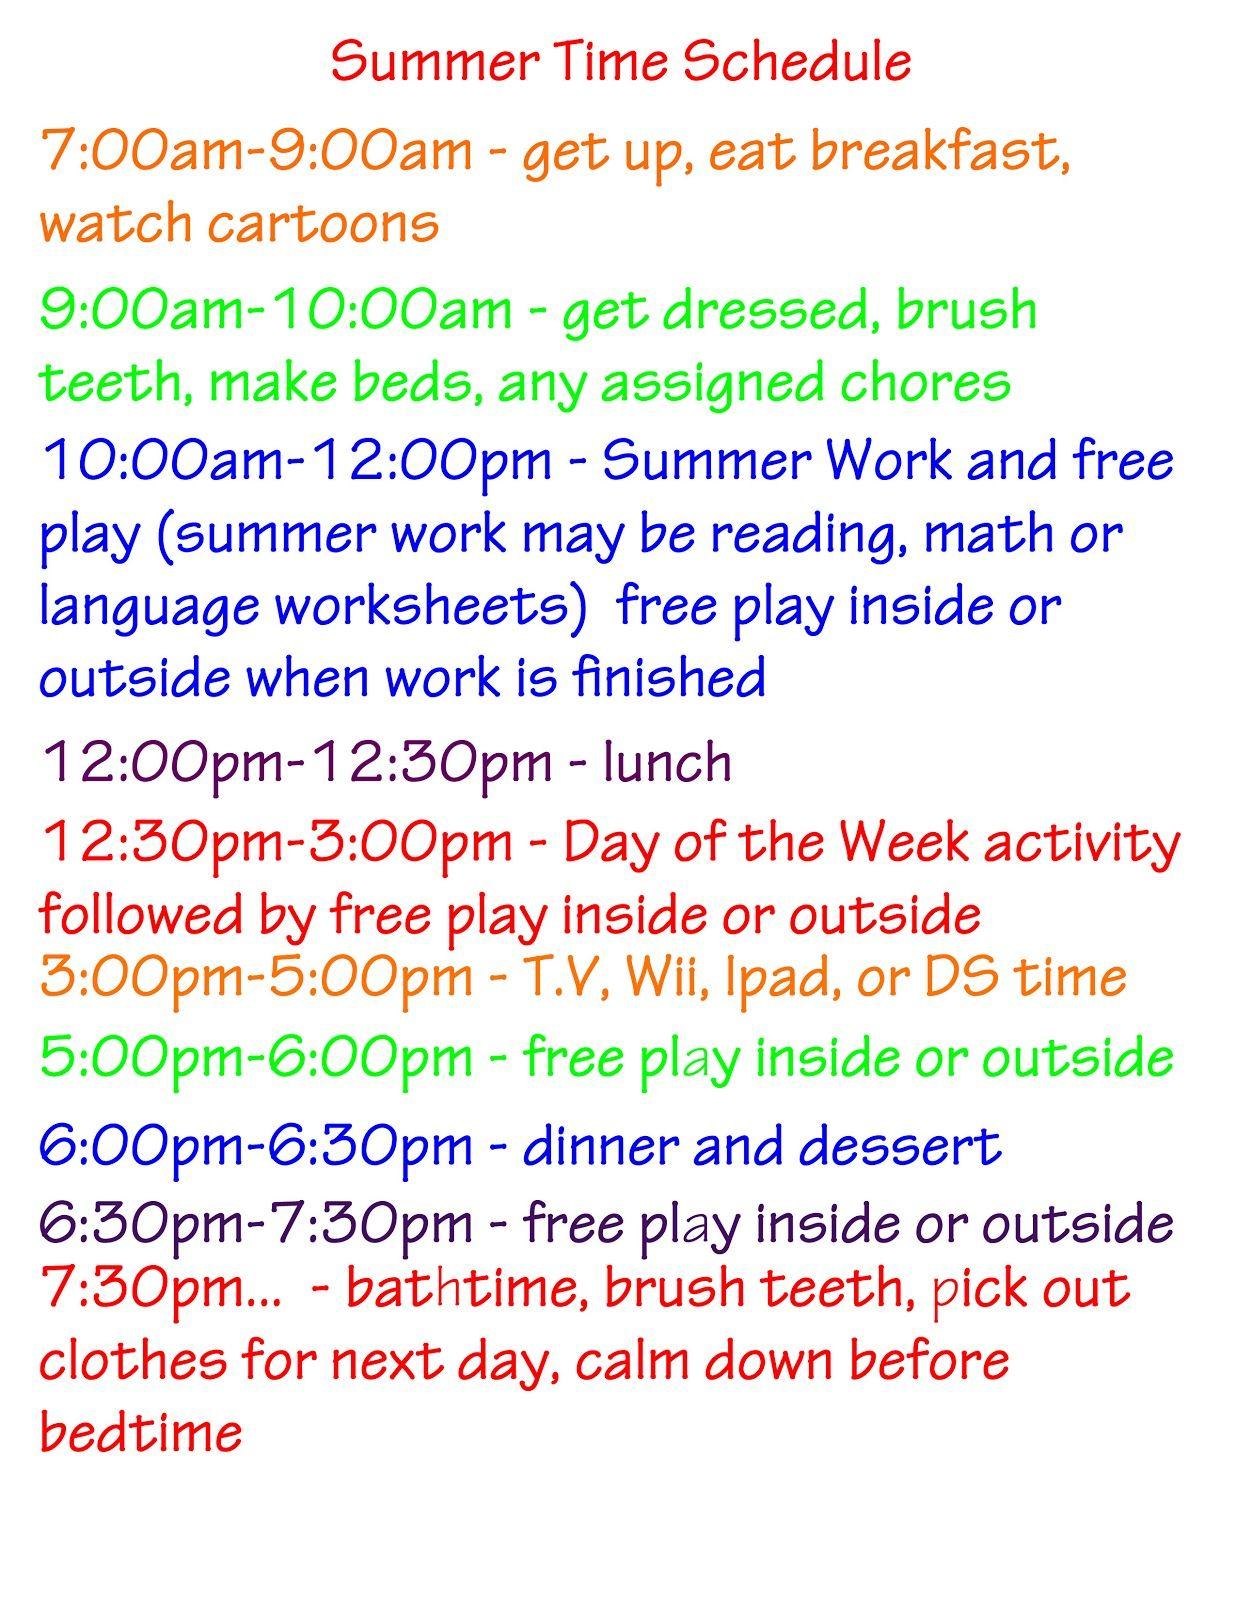 Summer Activities Schedule And Ideas